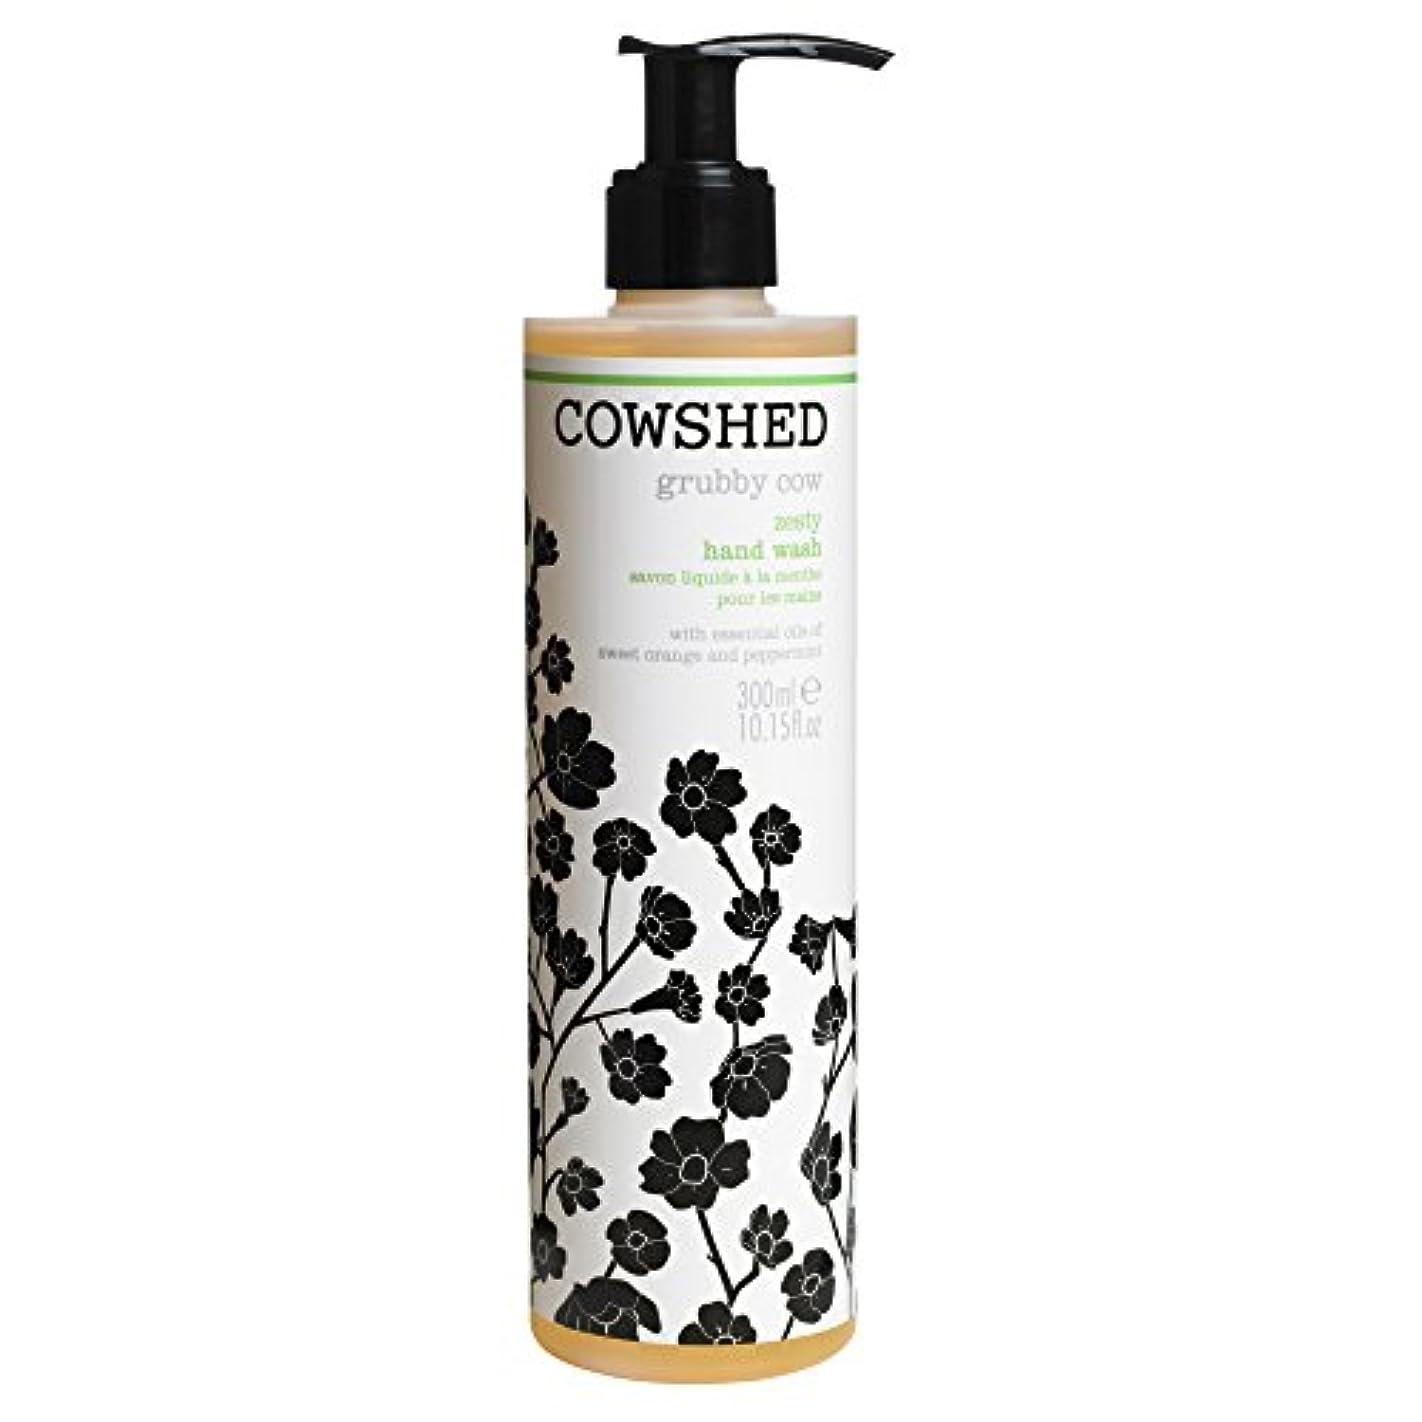 活力ワーディアンケースブローホール牛舎汚い牛ピリッハンドウォッシュ300ミリリットル (Cowshed) (x2) - Cowshed Grubby Cow Zesty Hand Wash 300ml (Pack of 2) [並行輸入品]